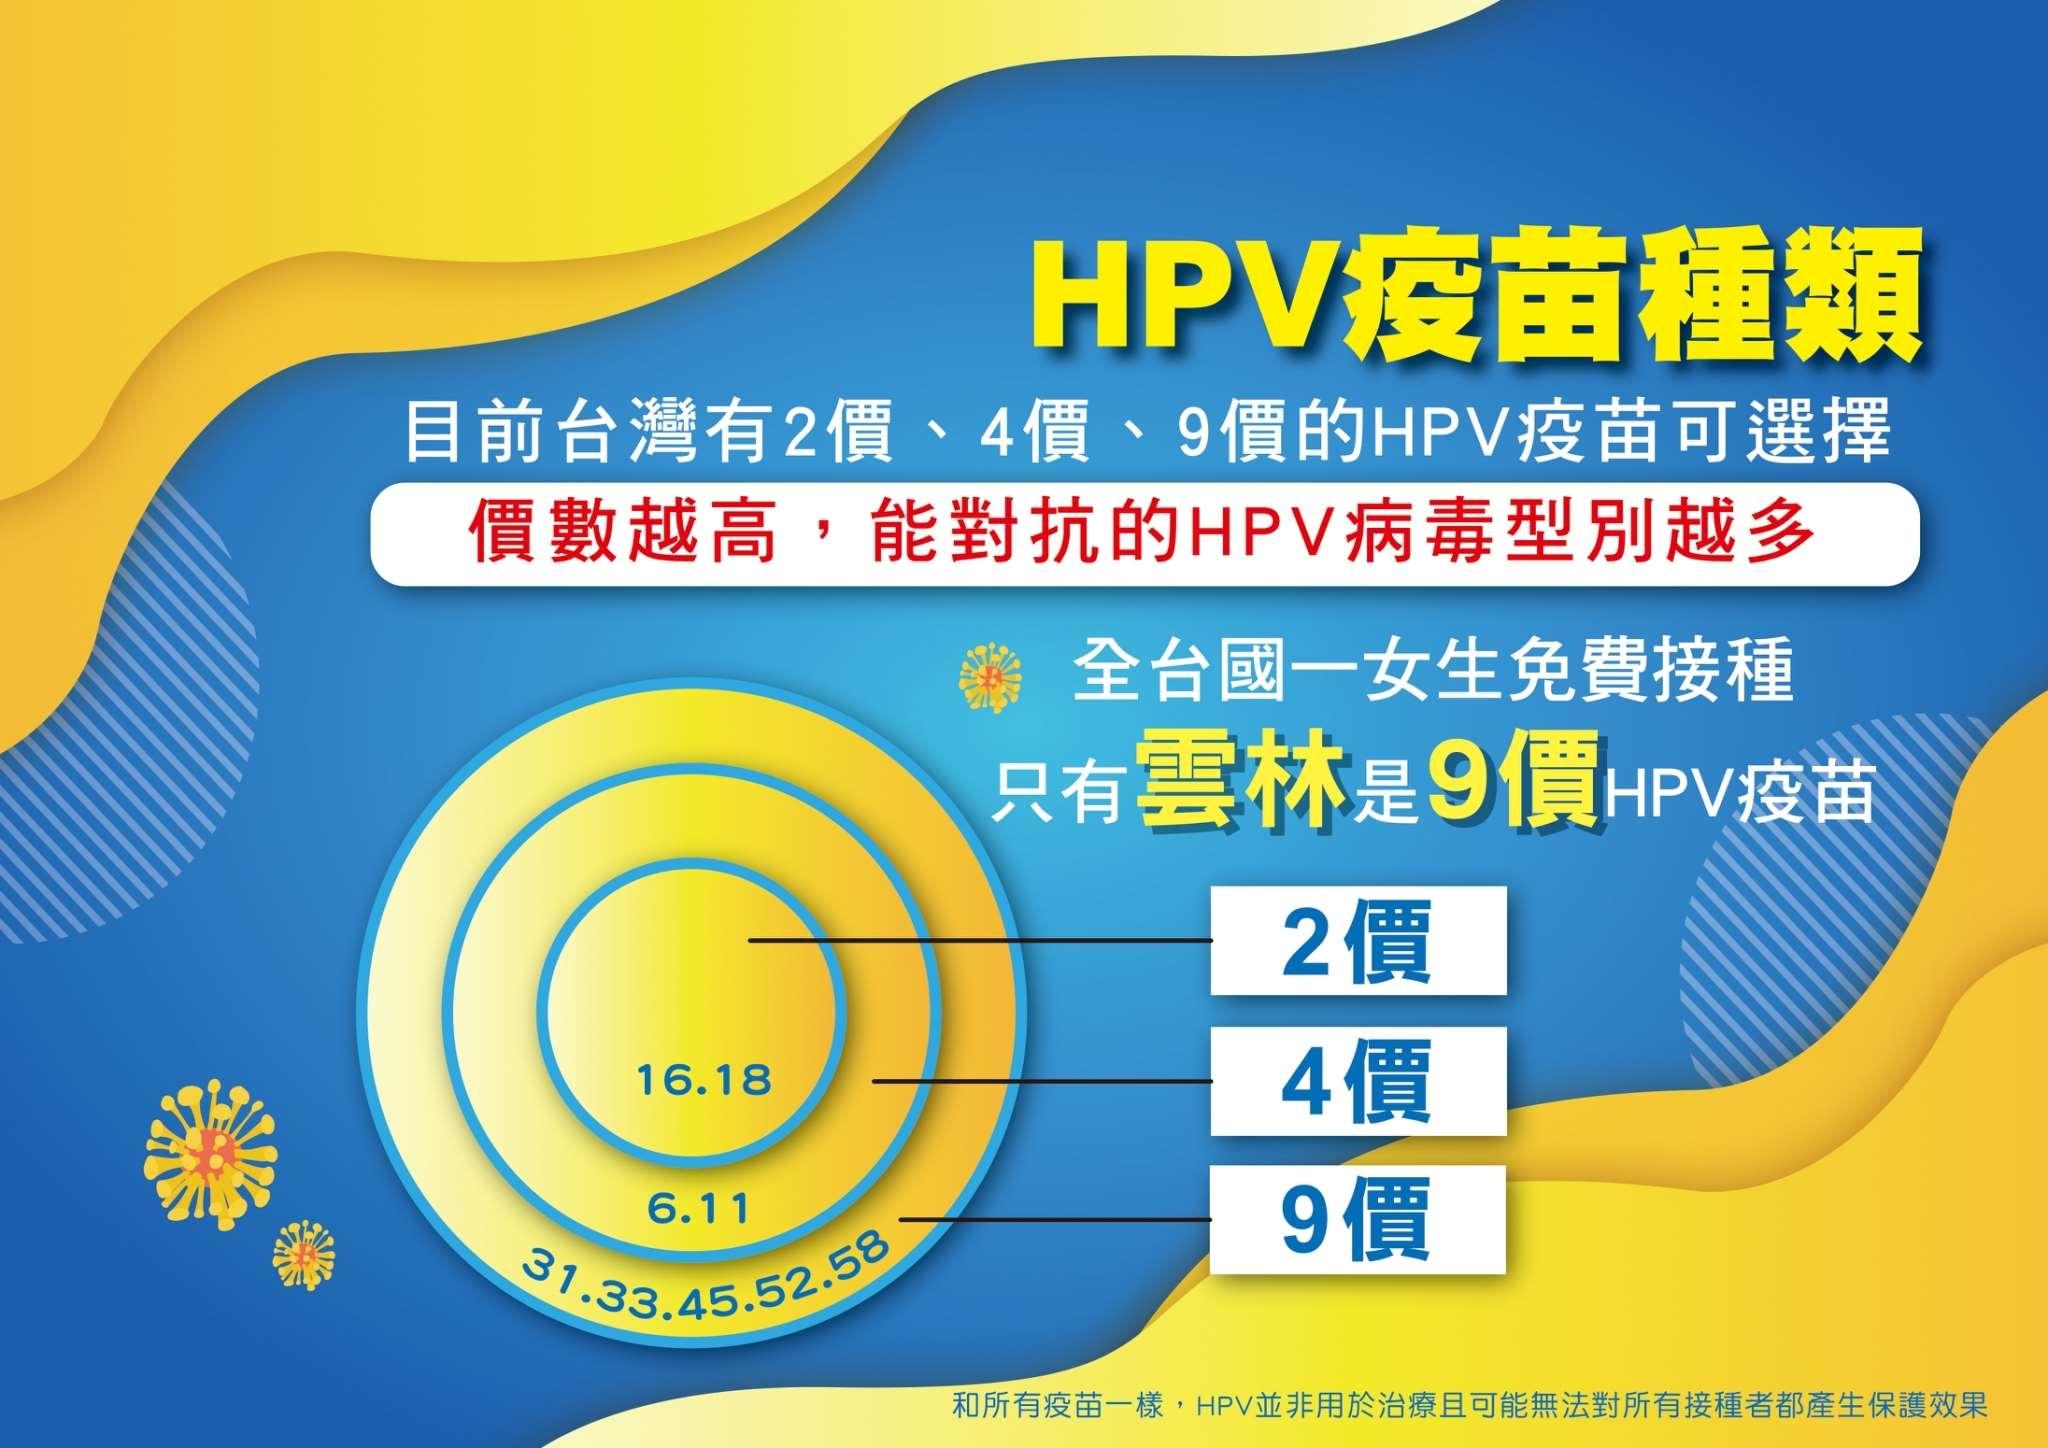 HPV相關資訊_210219_1